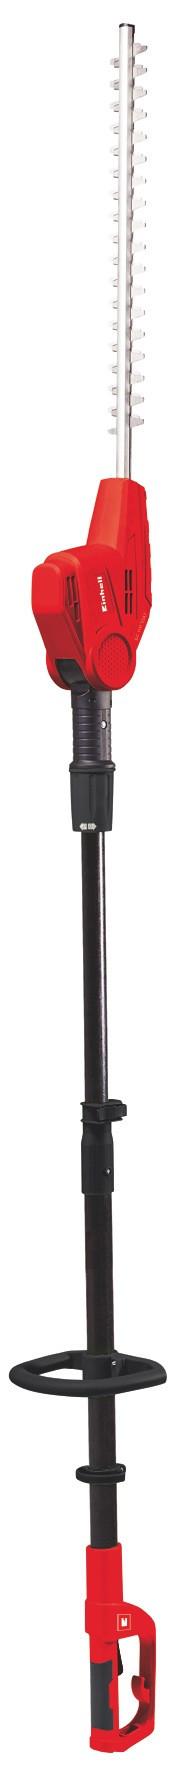 Taille-haies Télescopique électrique GC-HH 5047 EMBALLAGE ABIME